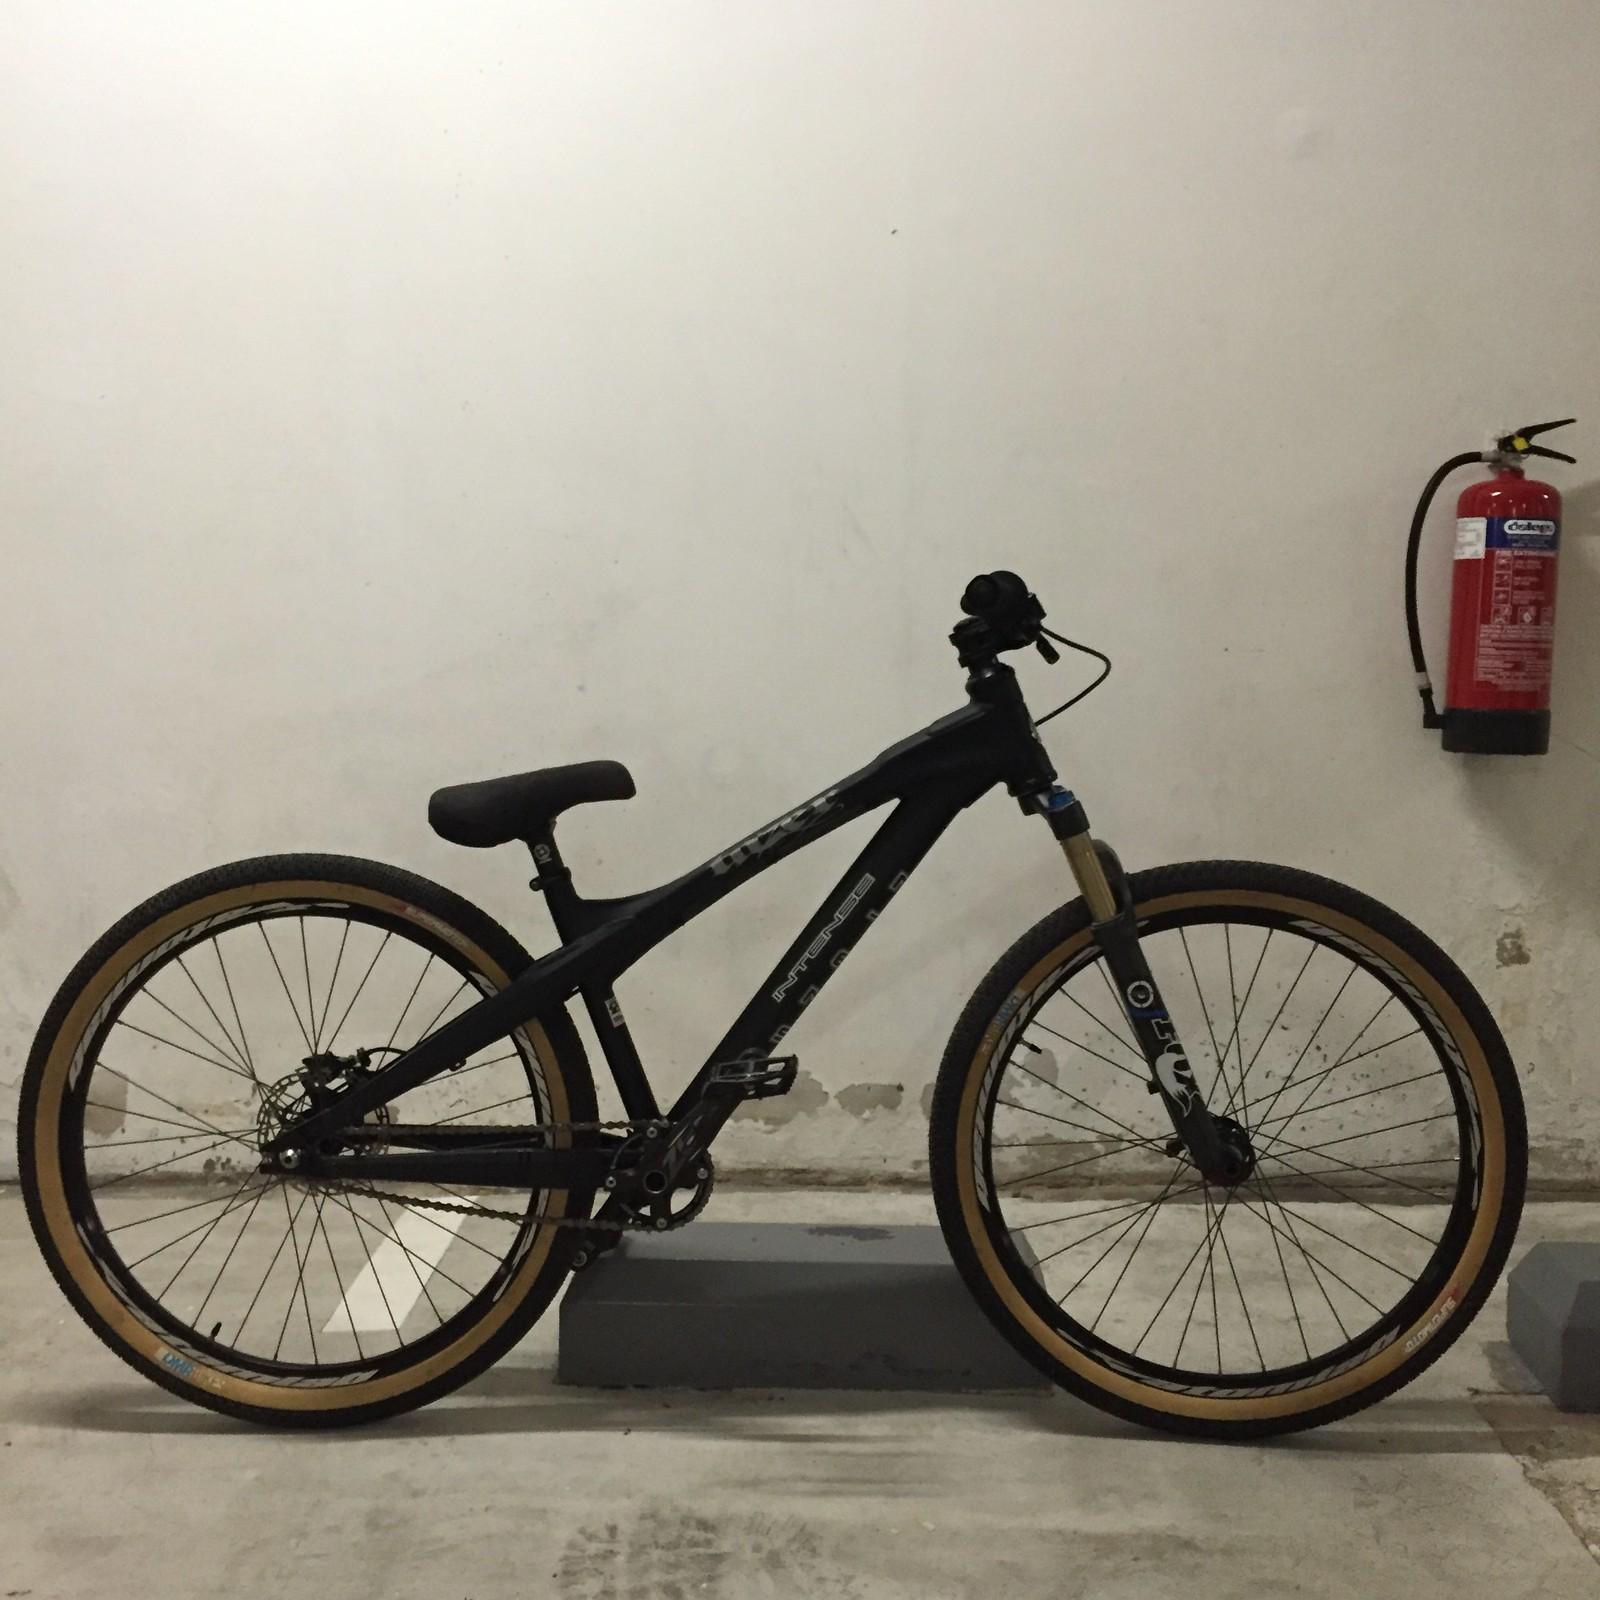 The mid life crisis bike